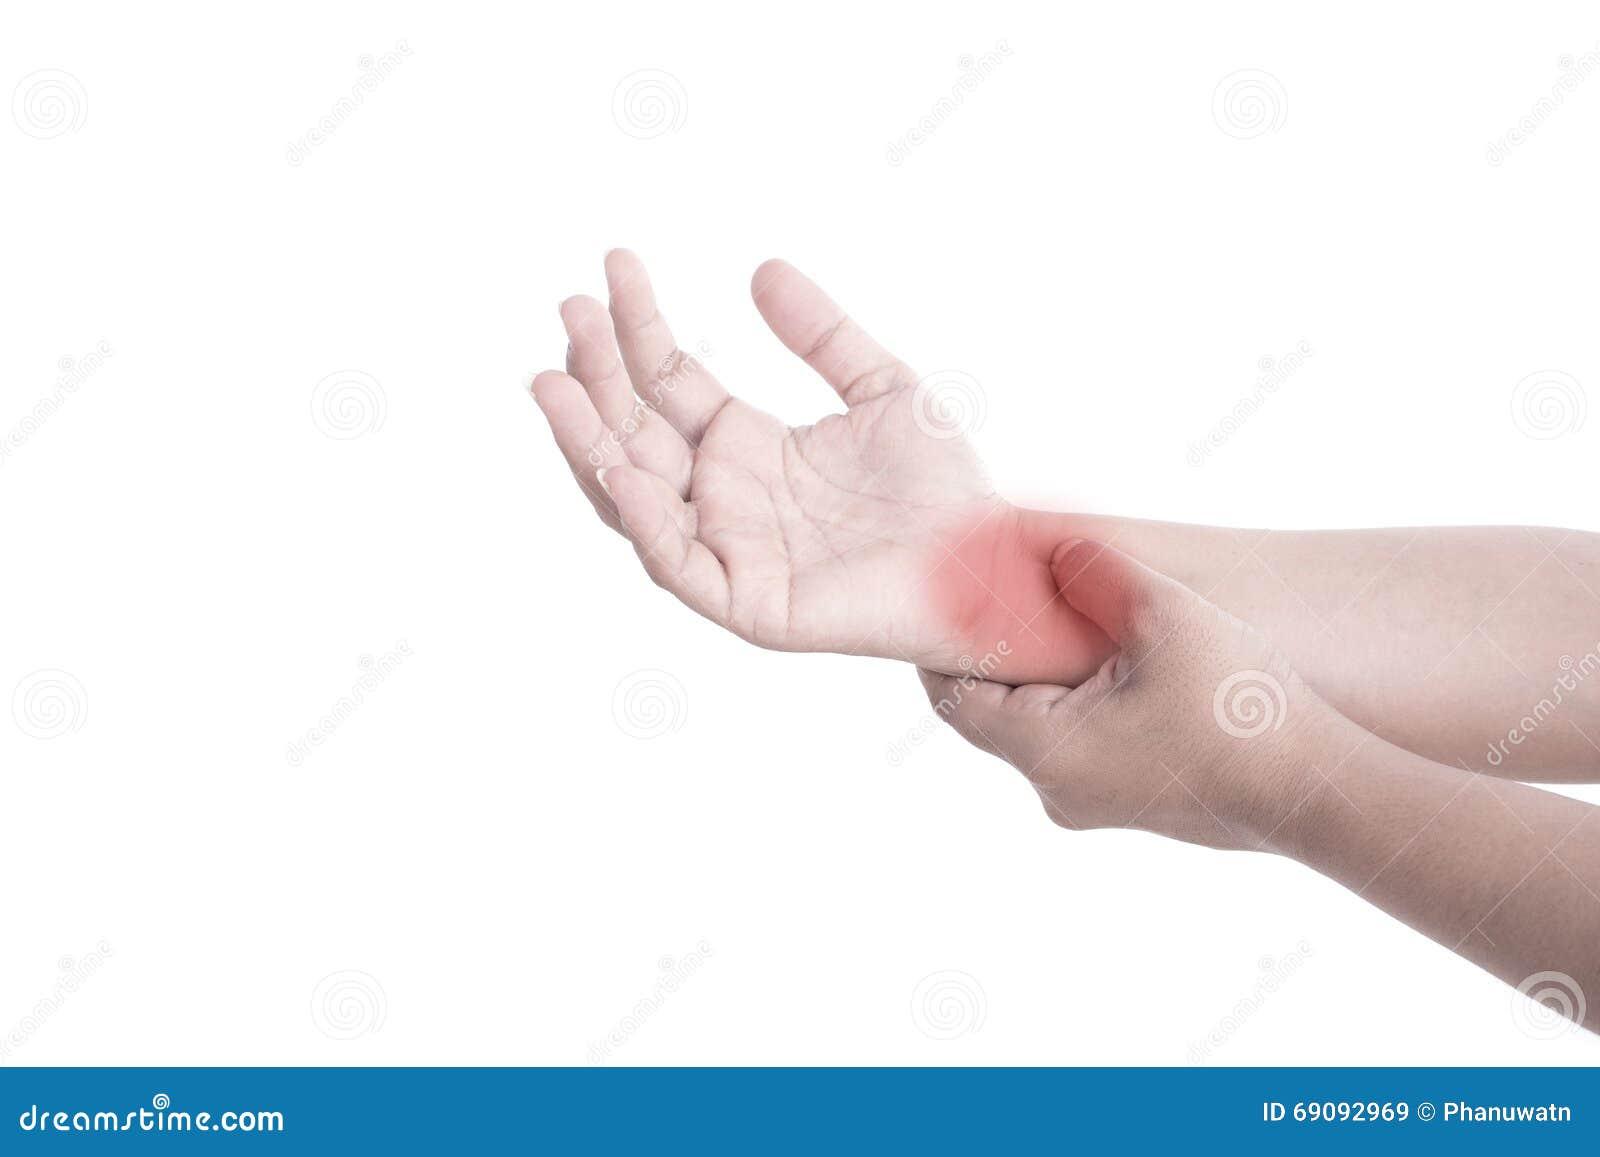 Atemberaubend Handgelenk Und Hand Anatomie Galerie - Menschliche ...